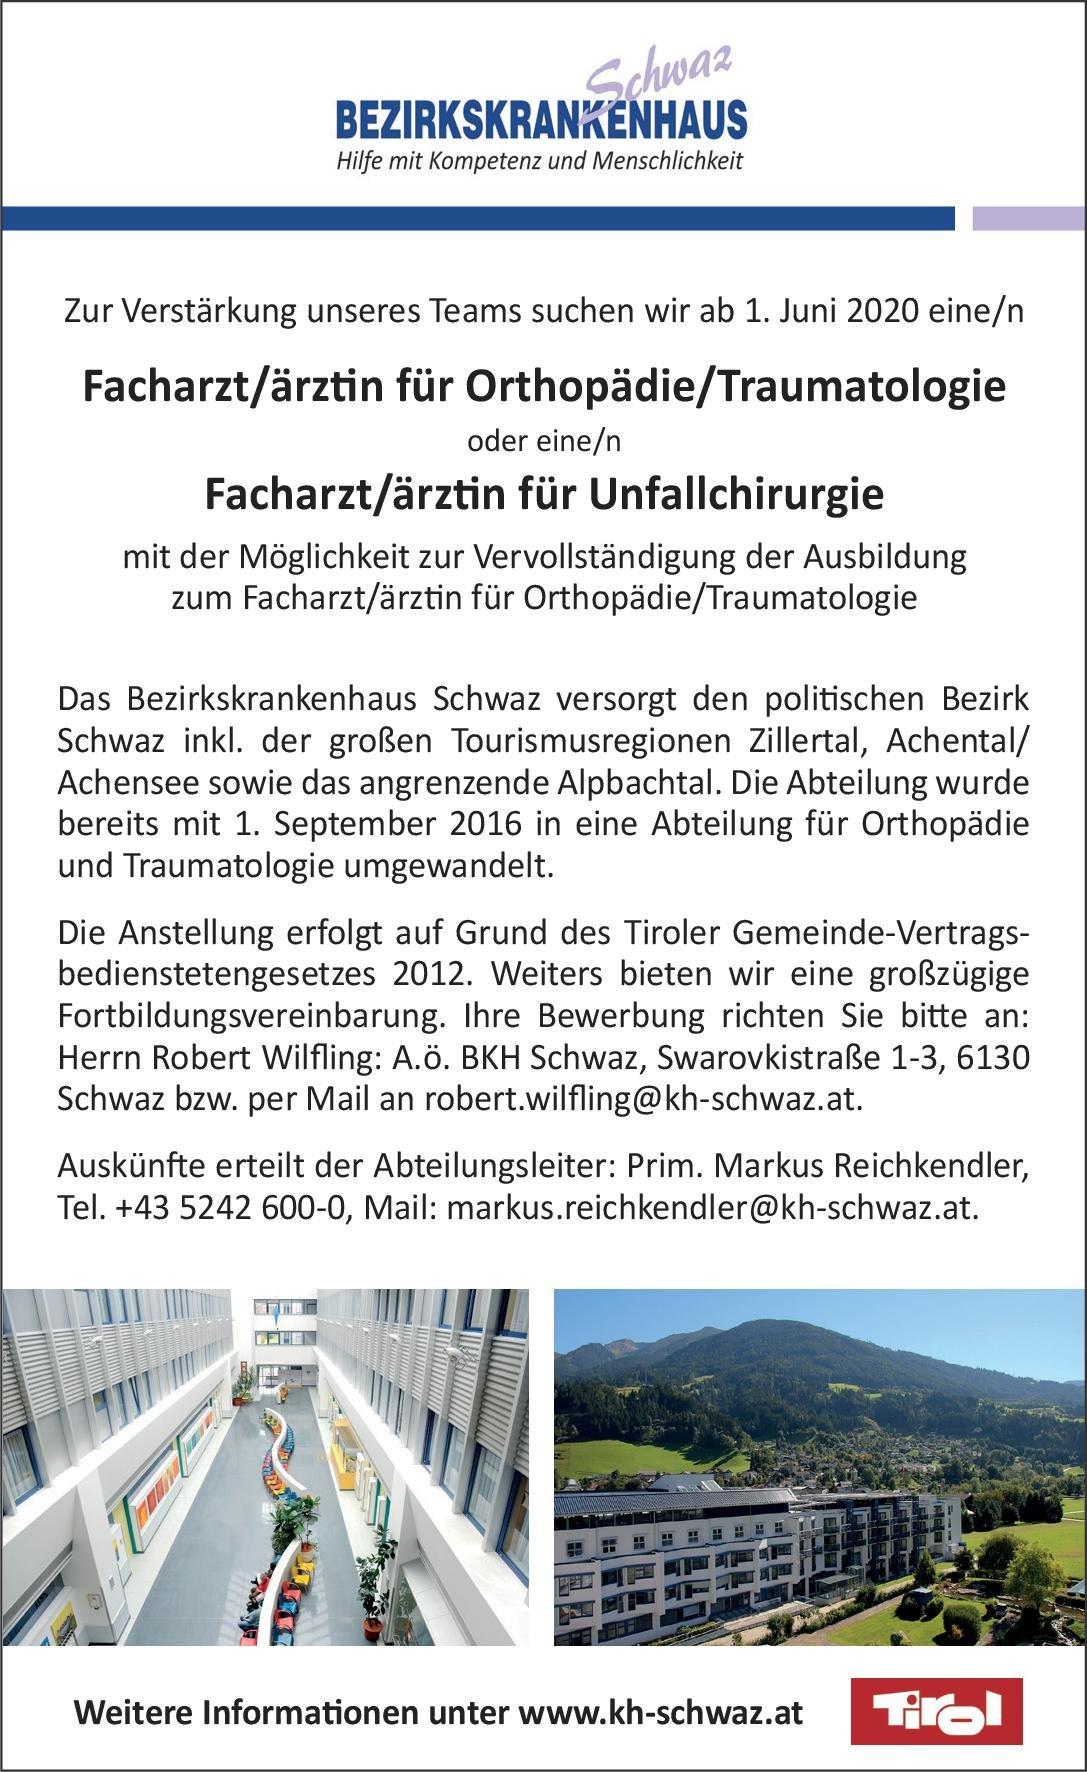 Bezirkskrankenhaus Schwaz Facharzt/ärztin für Orthopädie/Traumatologie oder Facharzt/ärztin für Unfallchirurgie  Orthopädie und Unfallchirurgie, Chirurgie Arzt / Facharzt